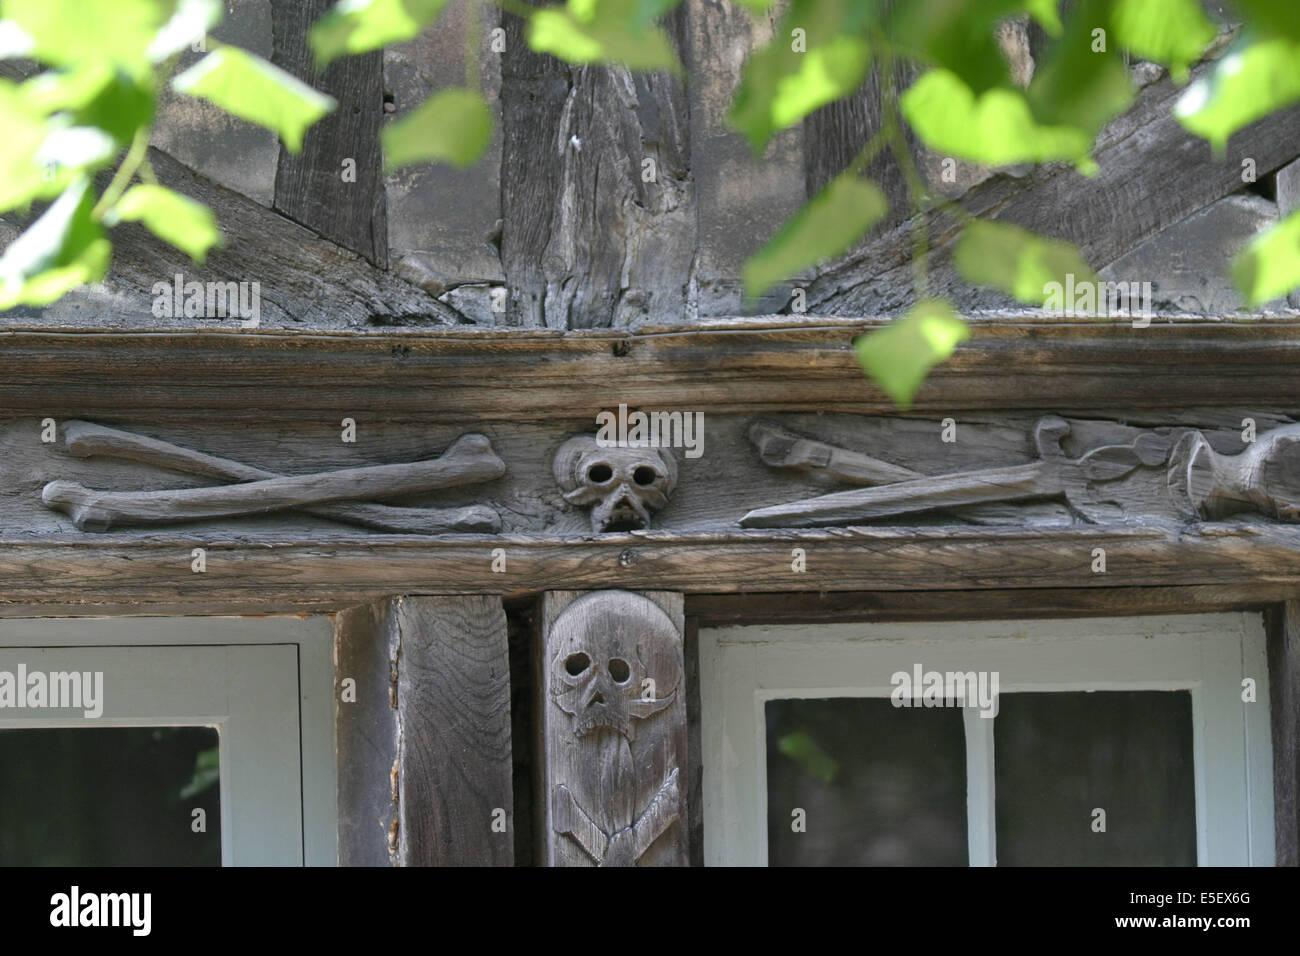 Maison En Bois Normandie aître saint maclou rouen stock photos & aître saint maclou